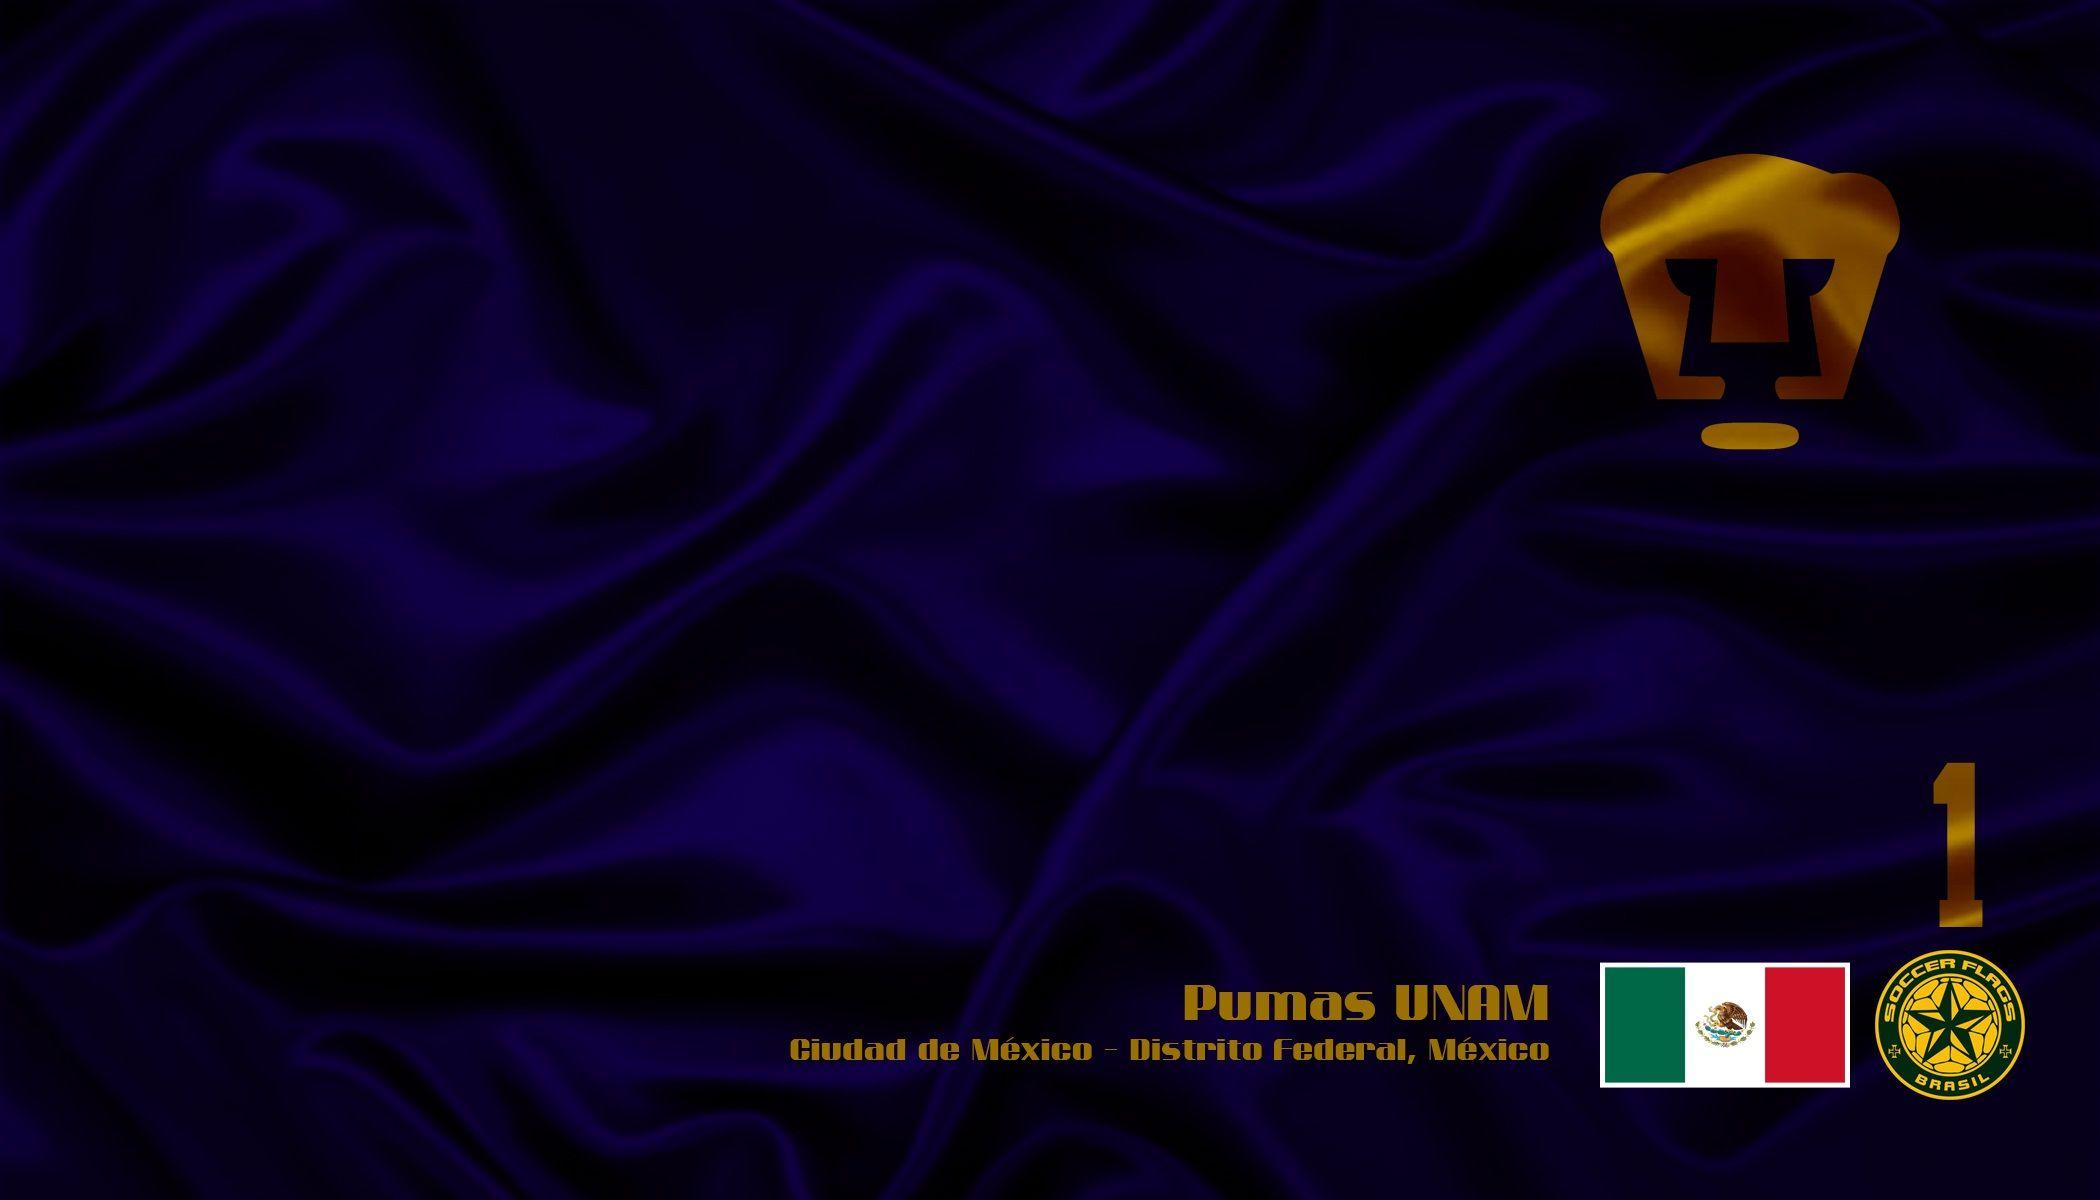 Pumas UNAM - Veja mais Wallpapers e baixe de graça em nosso Blog. http://ads.tt/78i3ug